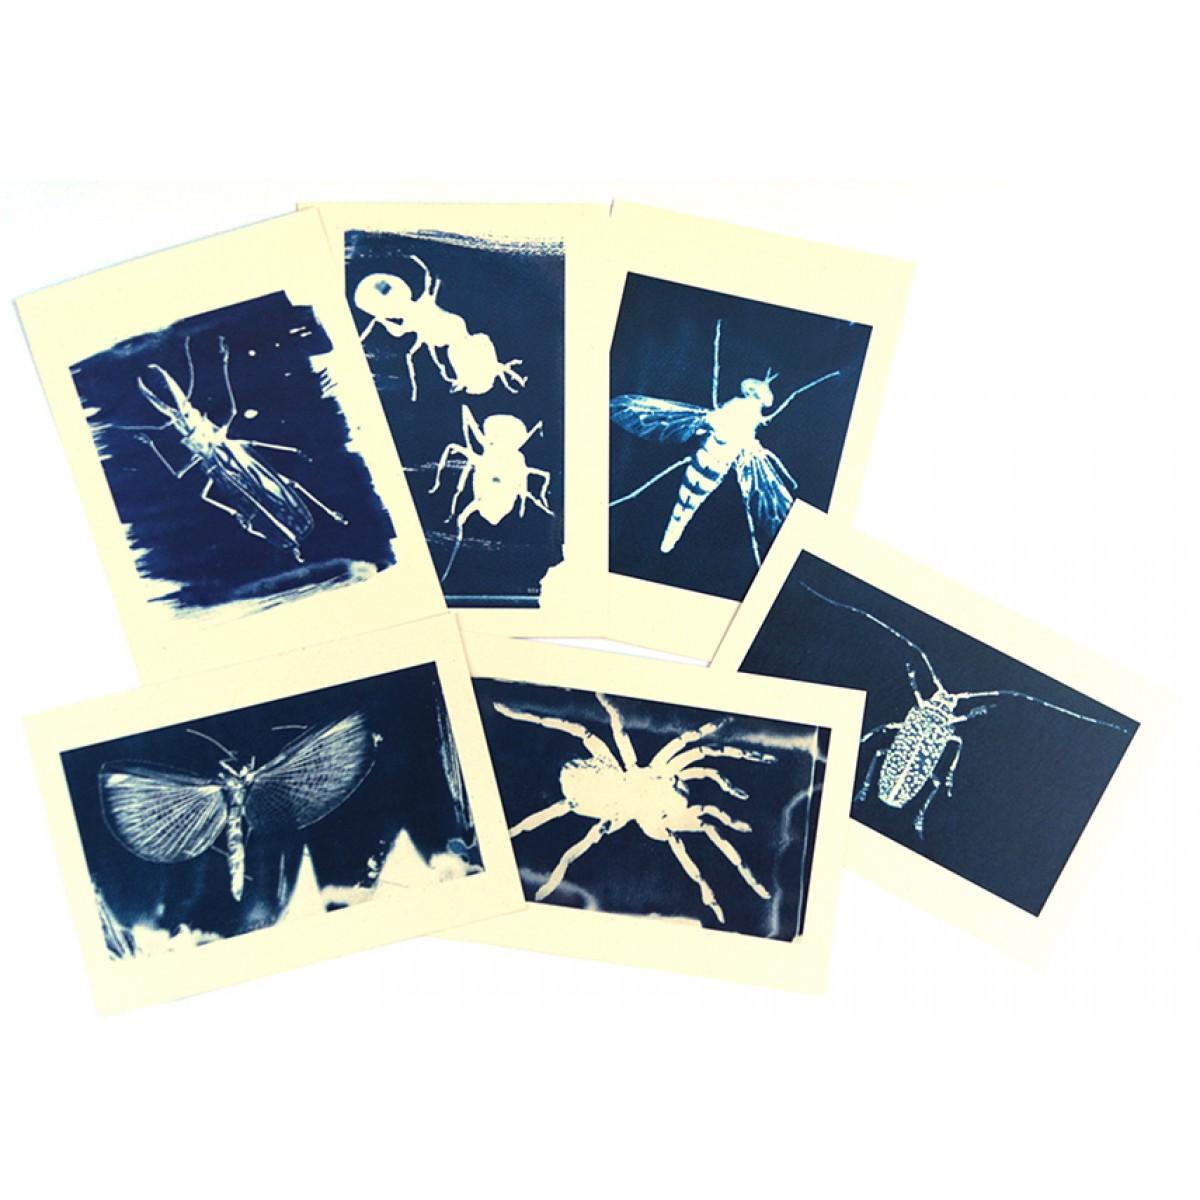 Postkartenset Cyanotypie Insekten von playfulsolutions